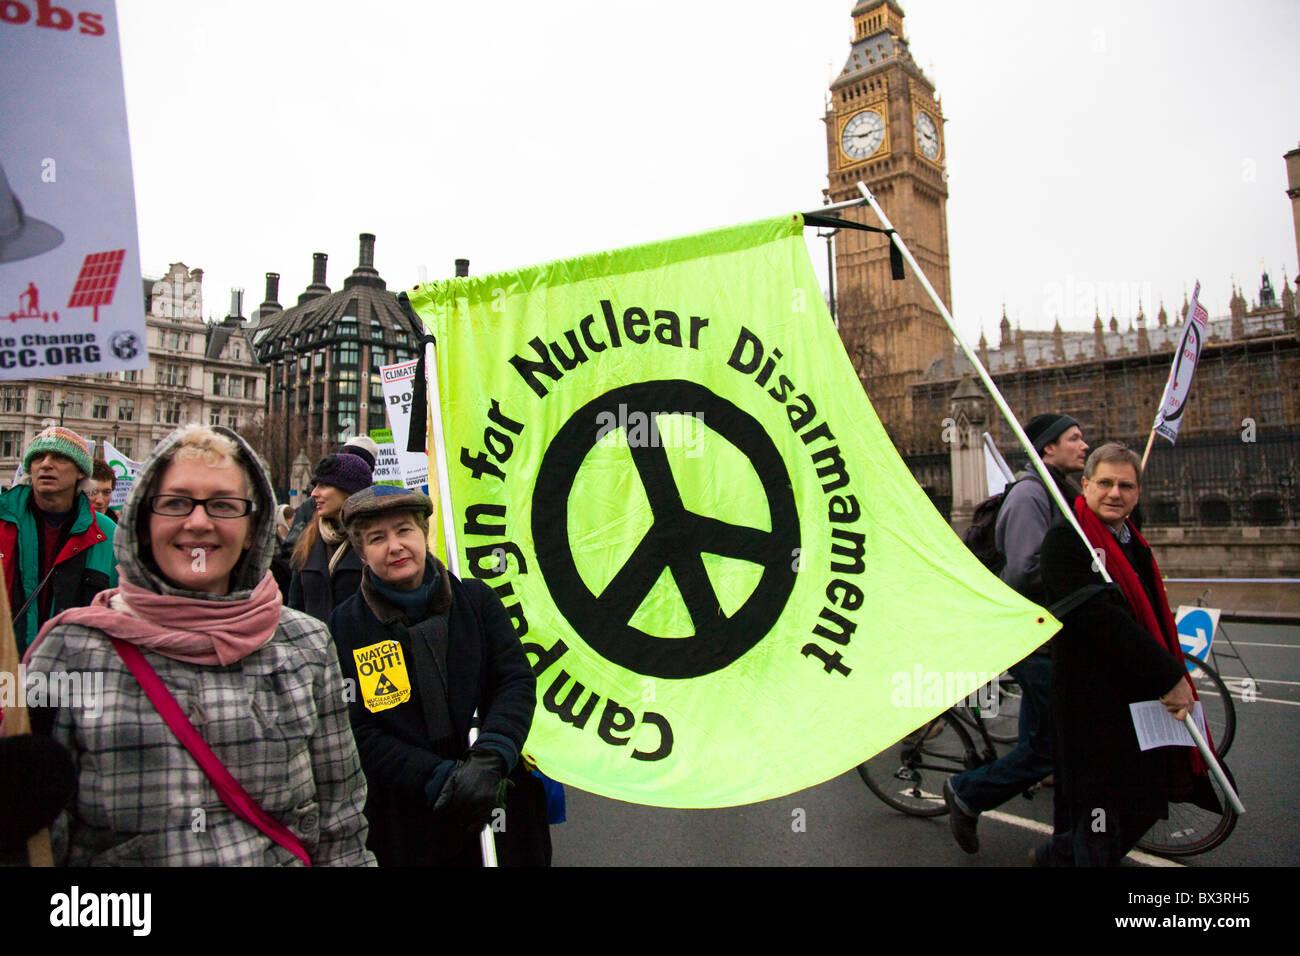 Bannière de la CND à Westminster sur le changement climatique mars 2010, Londres, Royaume-Uni Photo Stock